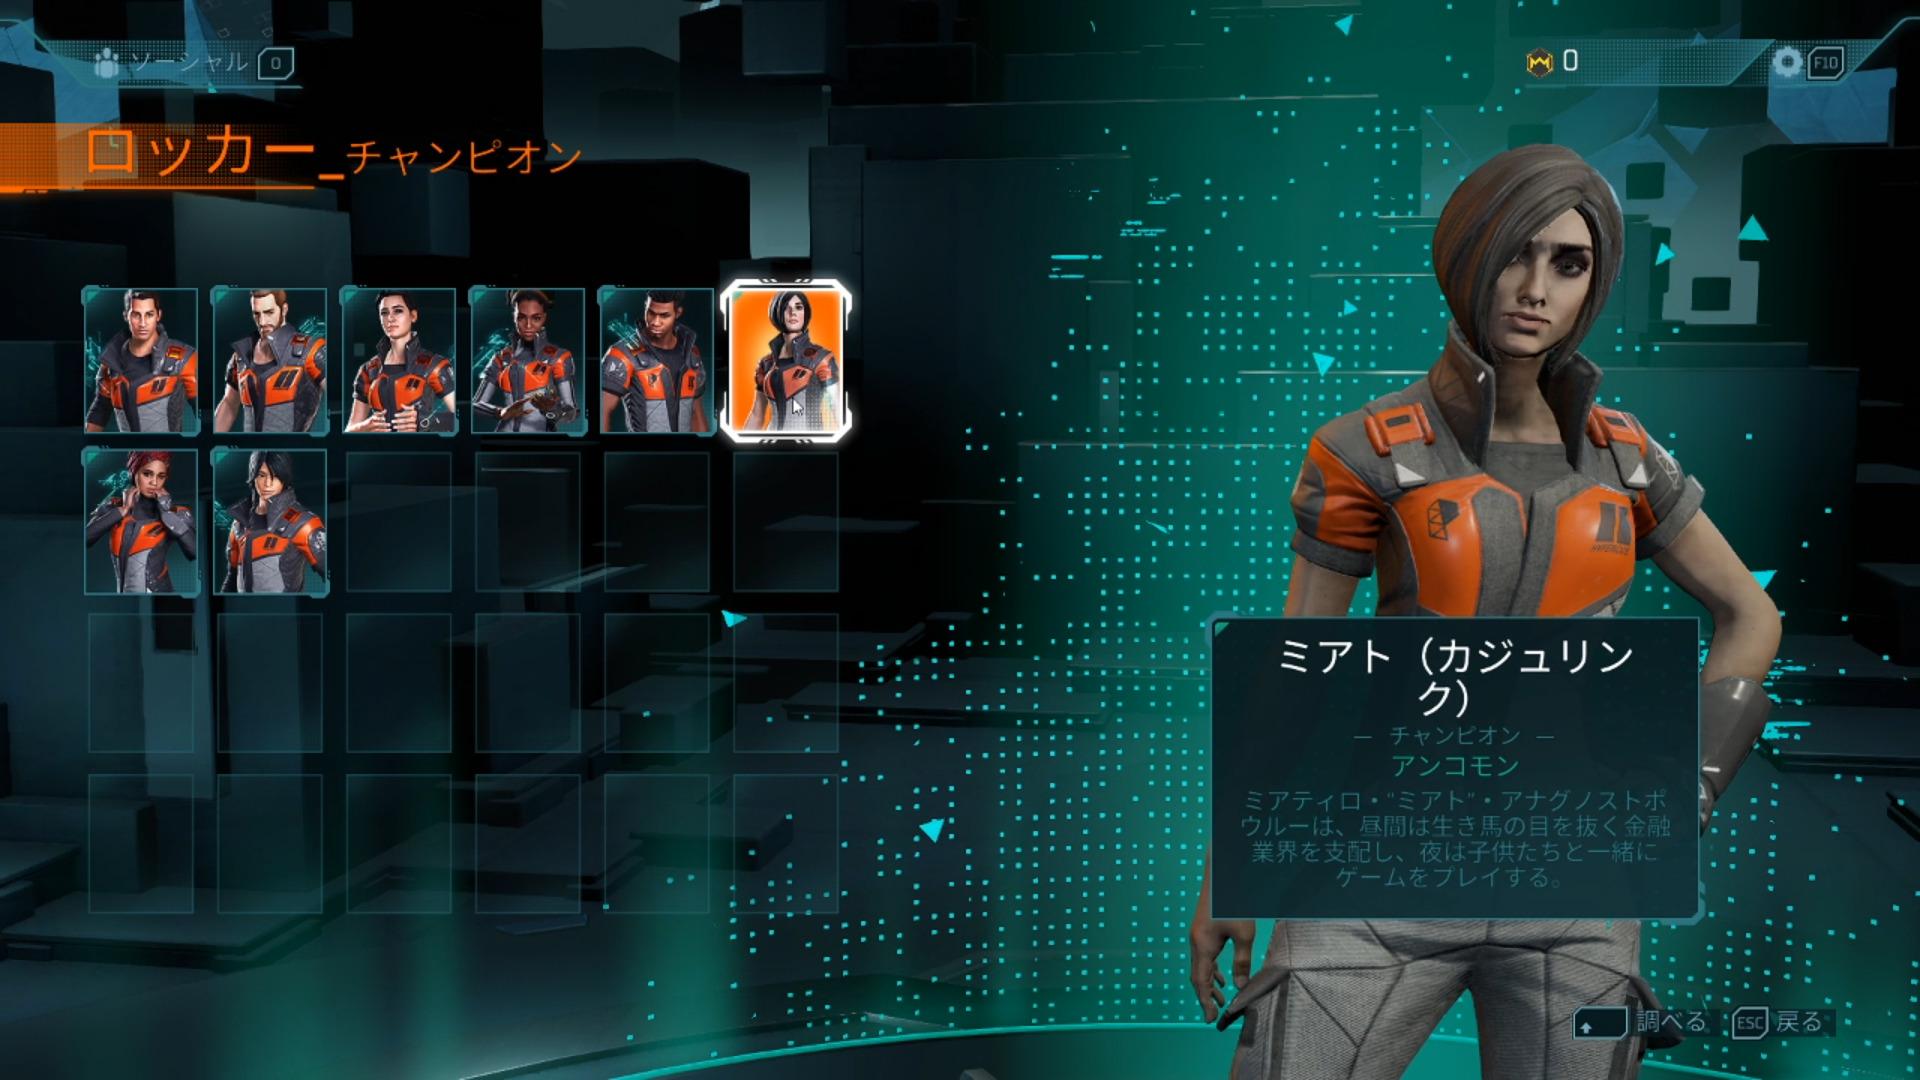 【ハイパースケープ】最初に選択したキャラは変更できる?スキンの変更方法を解説!